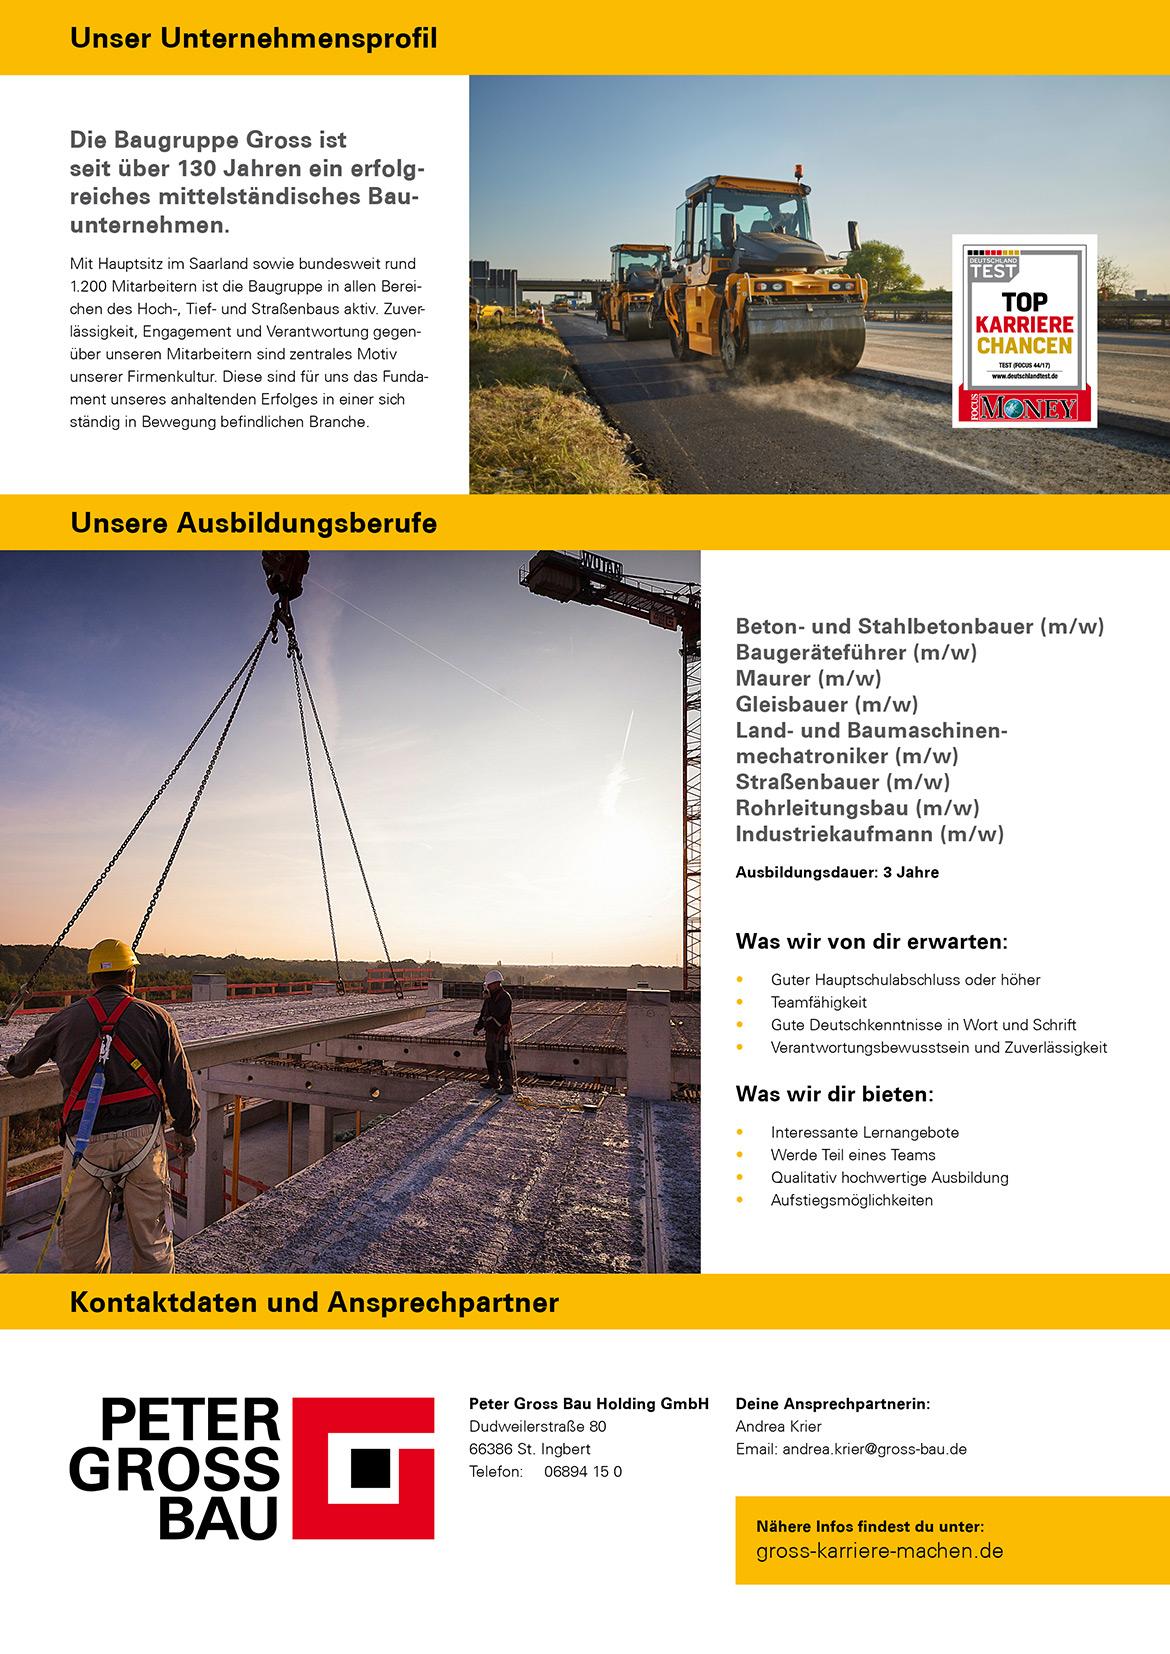 Ausbildungsplakat: Peter Gross Bau Holding GmbH